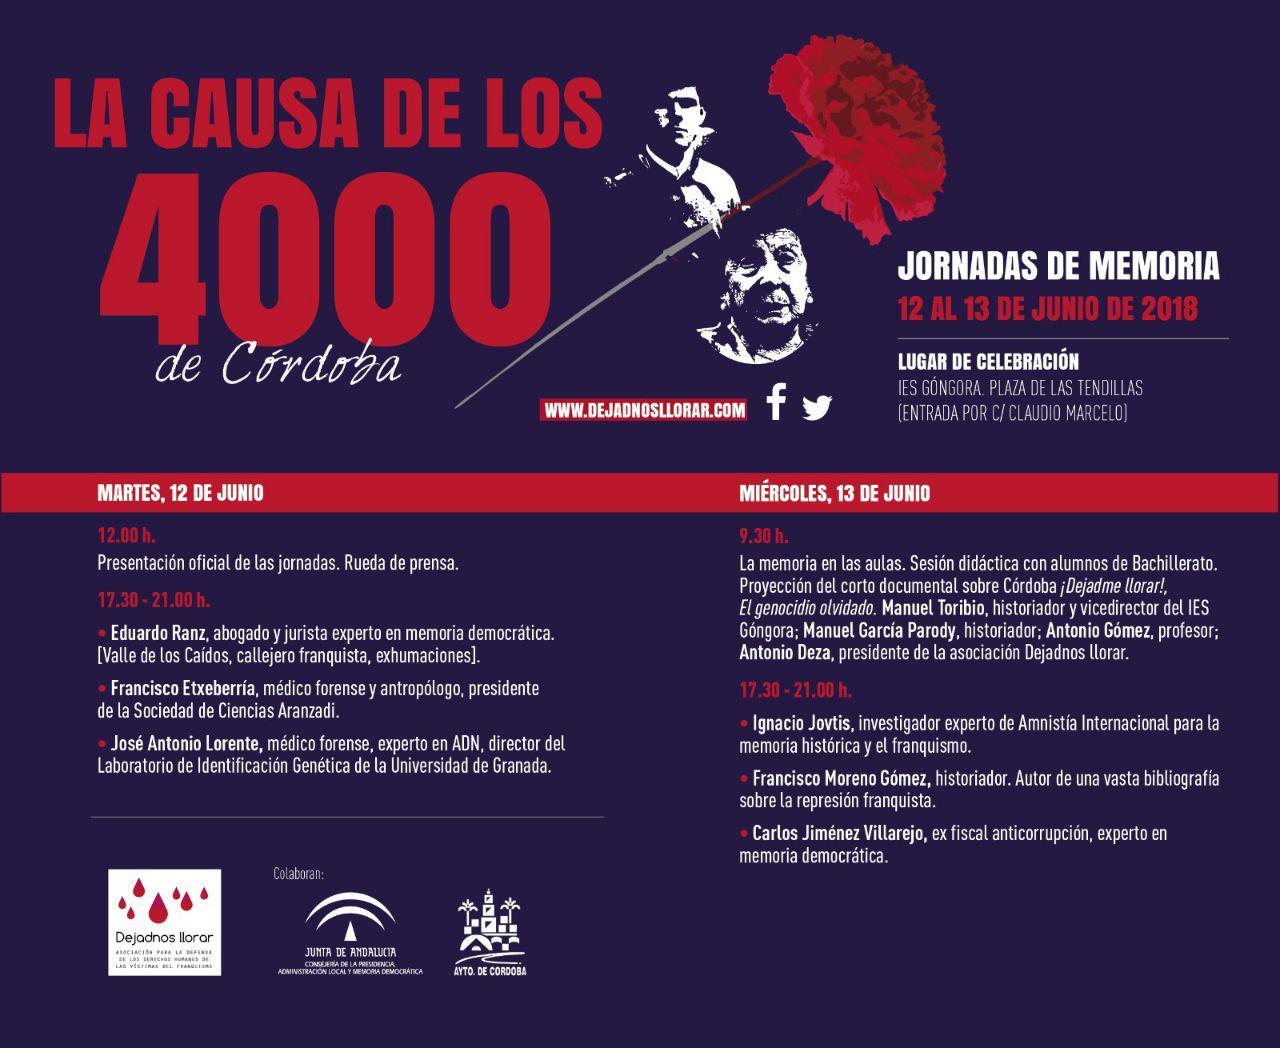 Jornadas de Memoria –  La Causa de los 4000